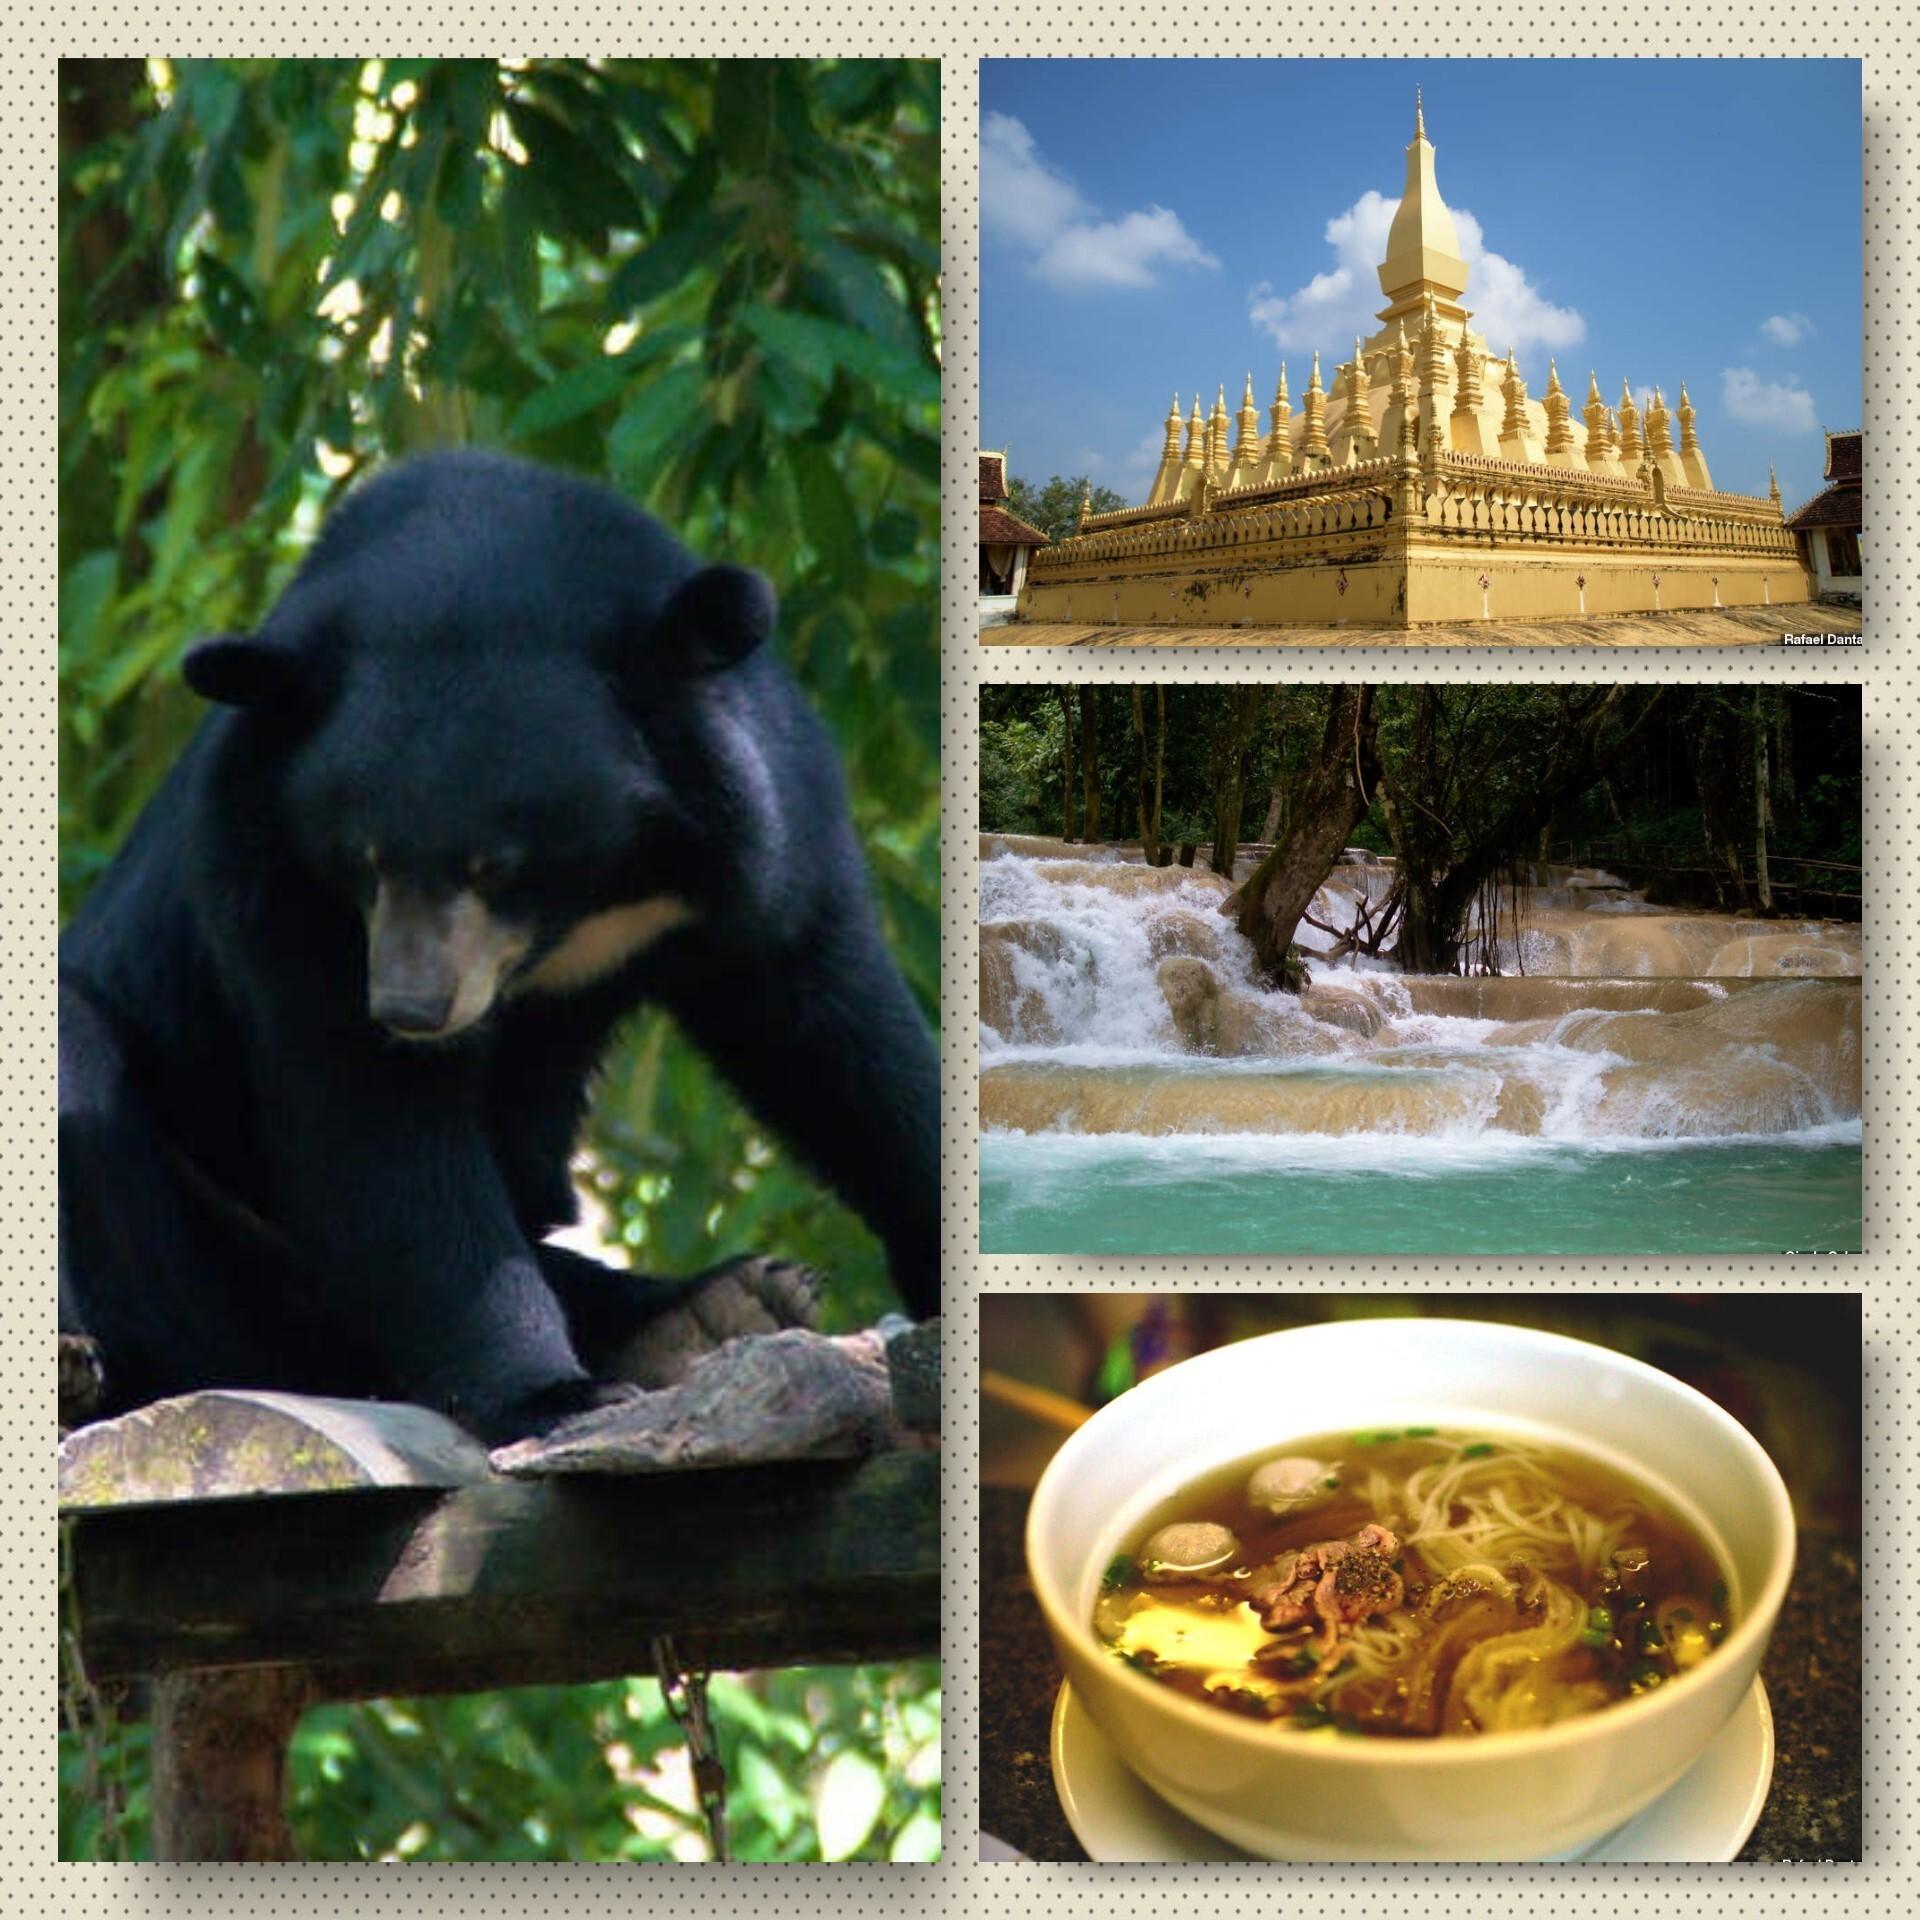 Em sentido horário: urso da organização Free the Bears, o monumento Pha That Luang e a cachoeira Tad Sae, no Laos. Já na última foto, um dos maravilhosos pratos que experimentamos durante a nossa estadia na região